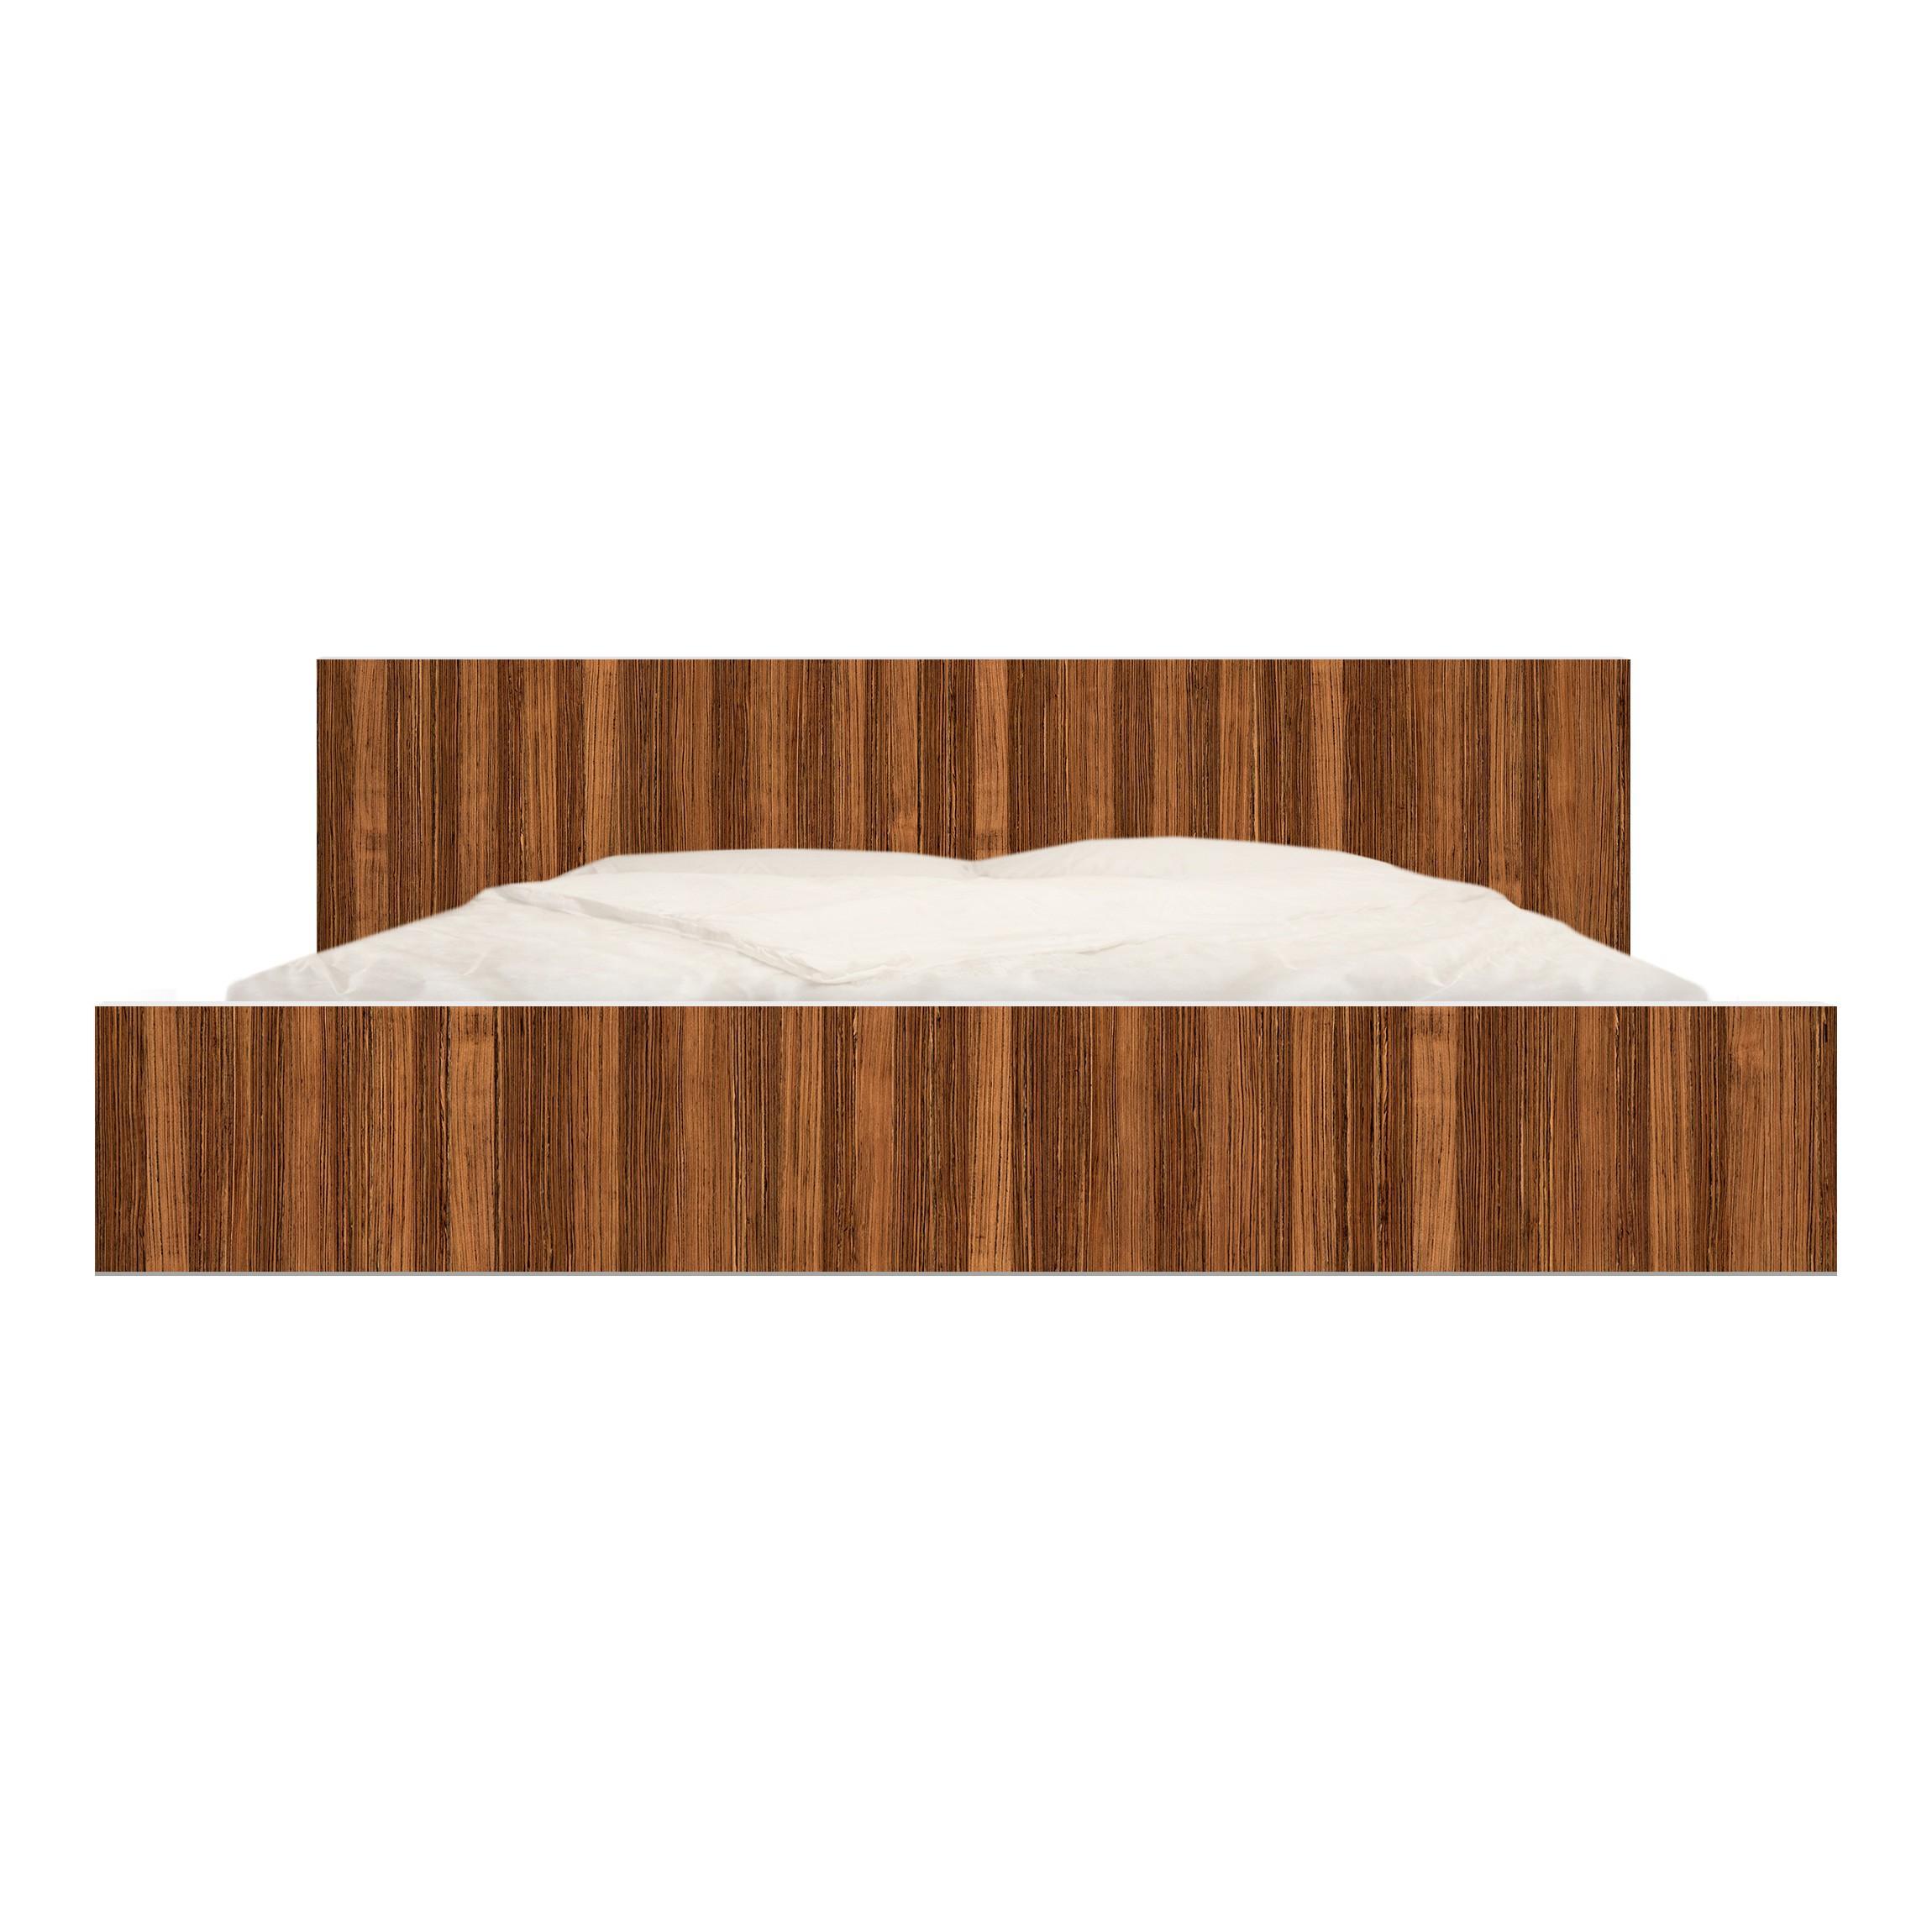 Carta adesiva per mobili ikea malm letto basso 180x200cm amazakou - Mobili letto ikea ...